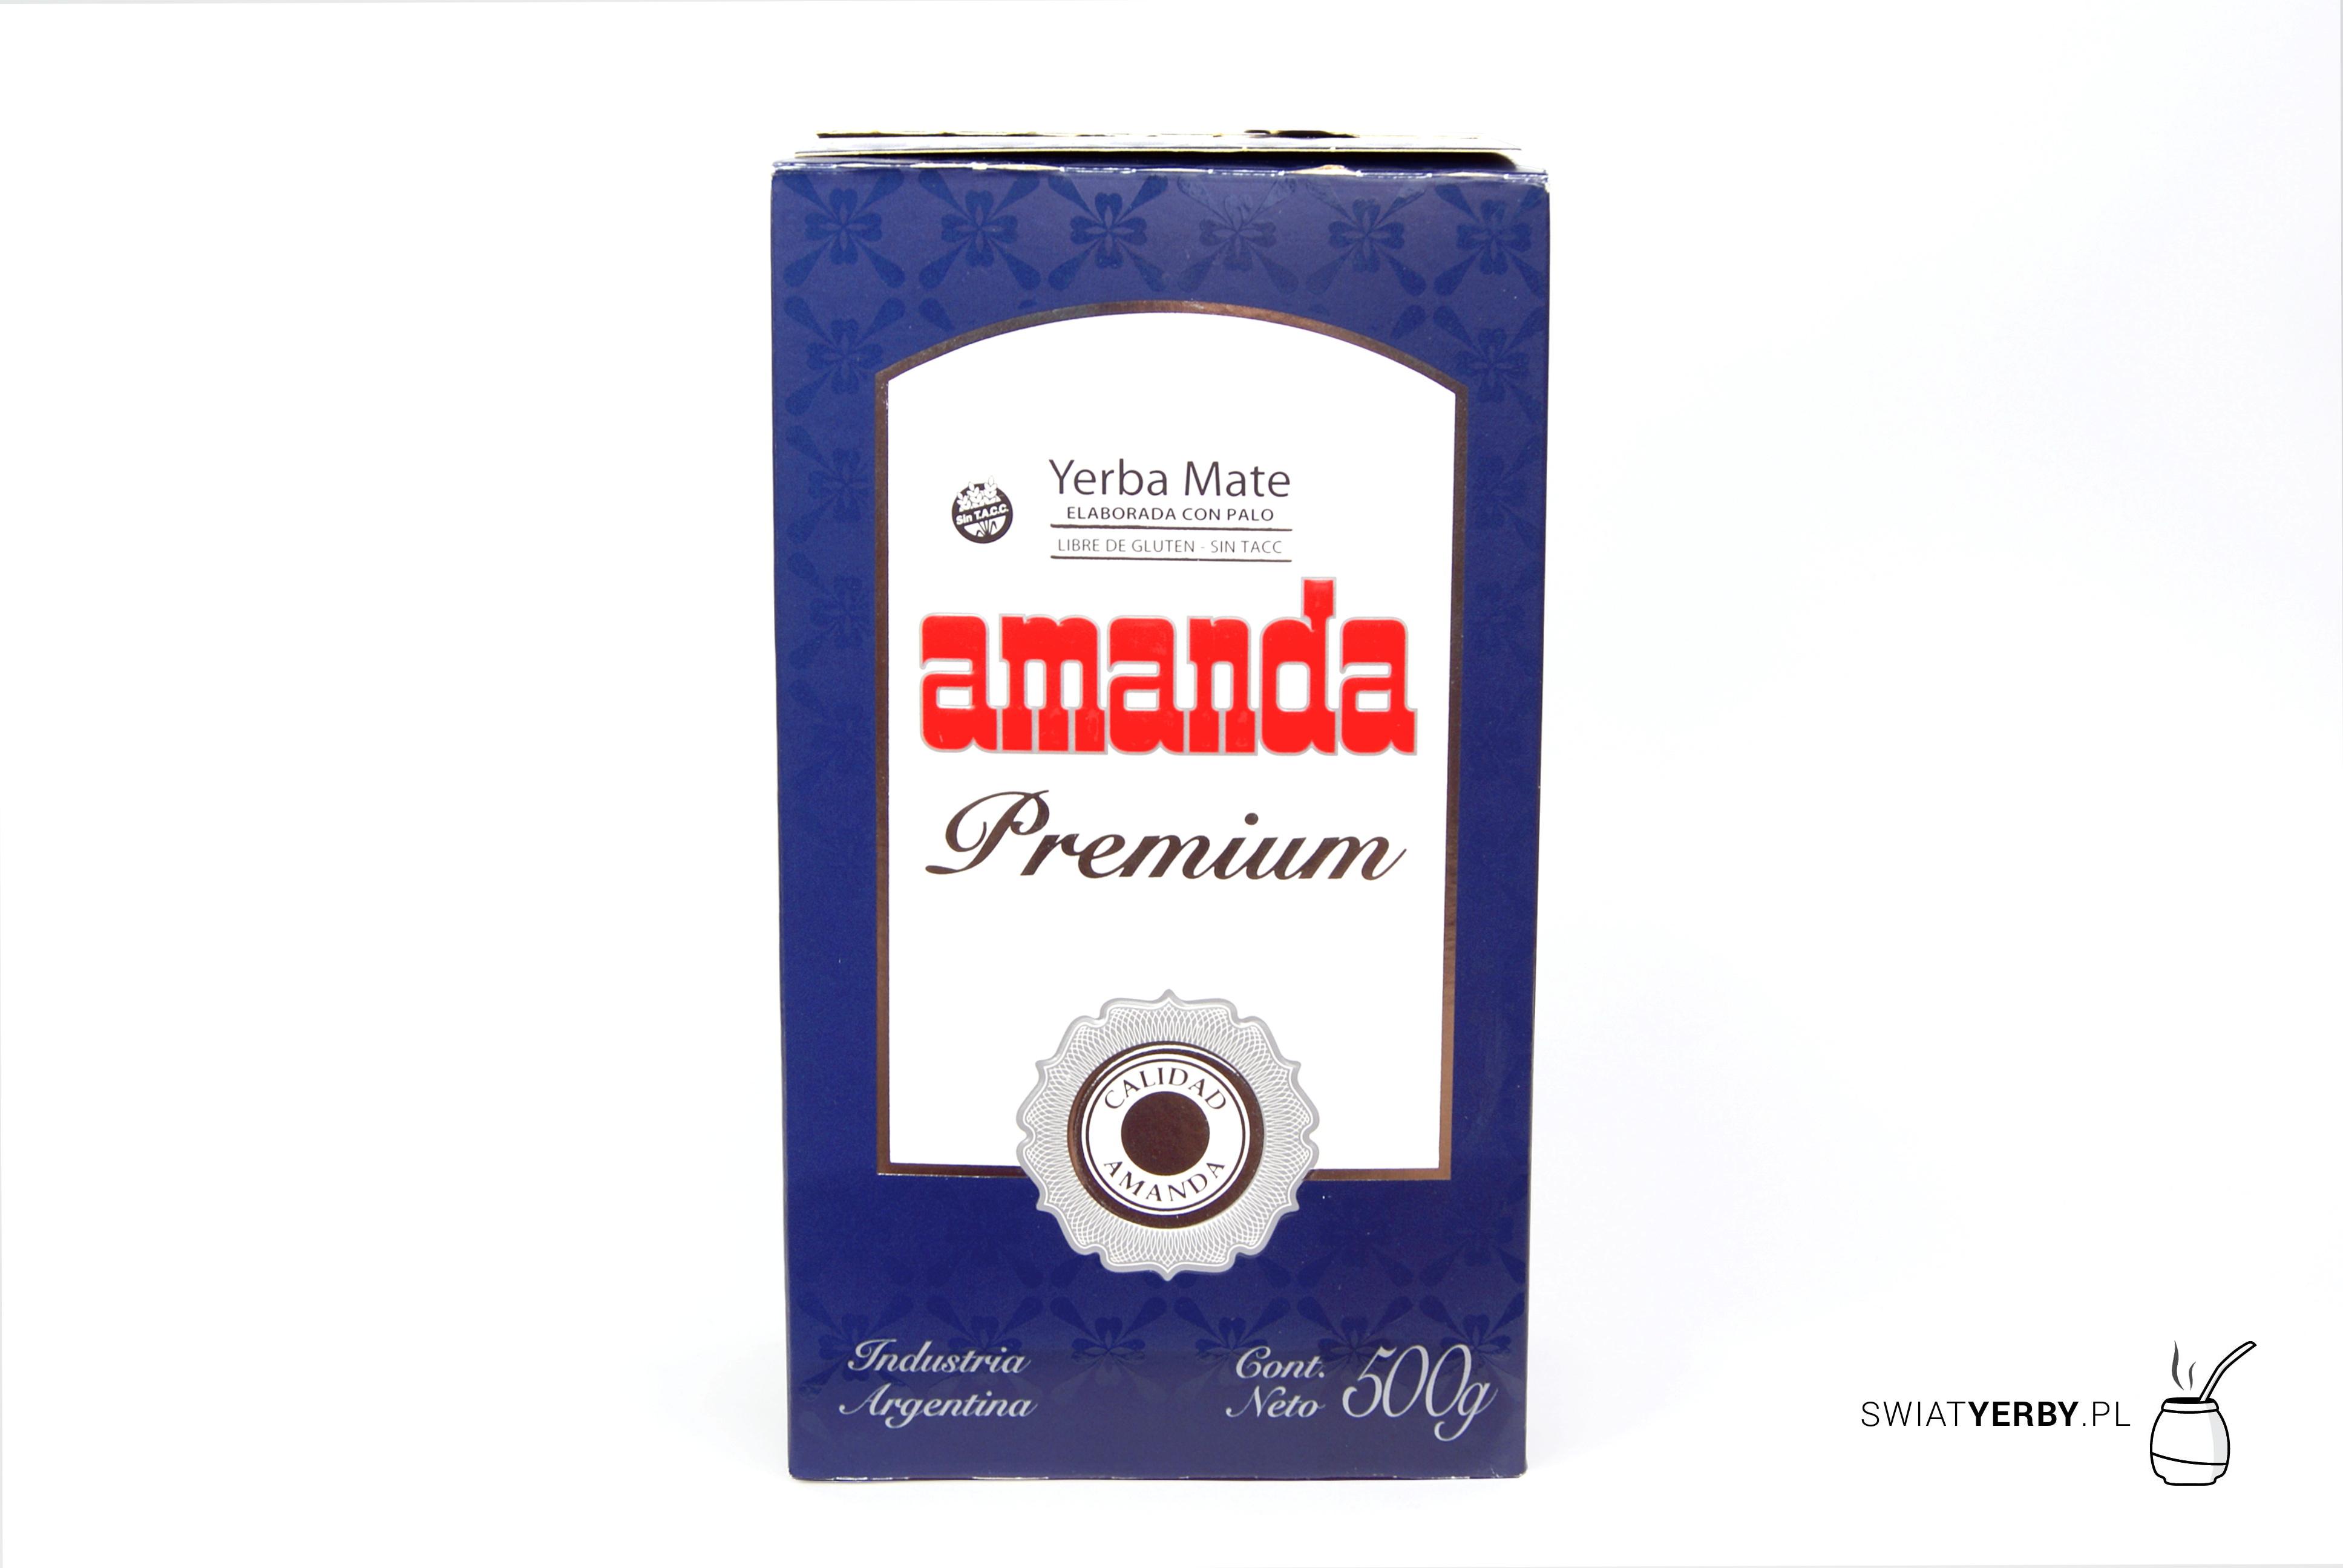 Amanda Premium (Elaborada)